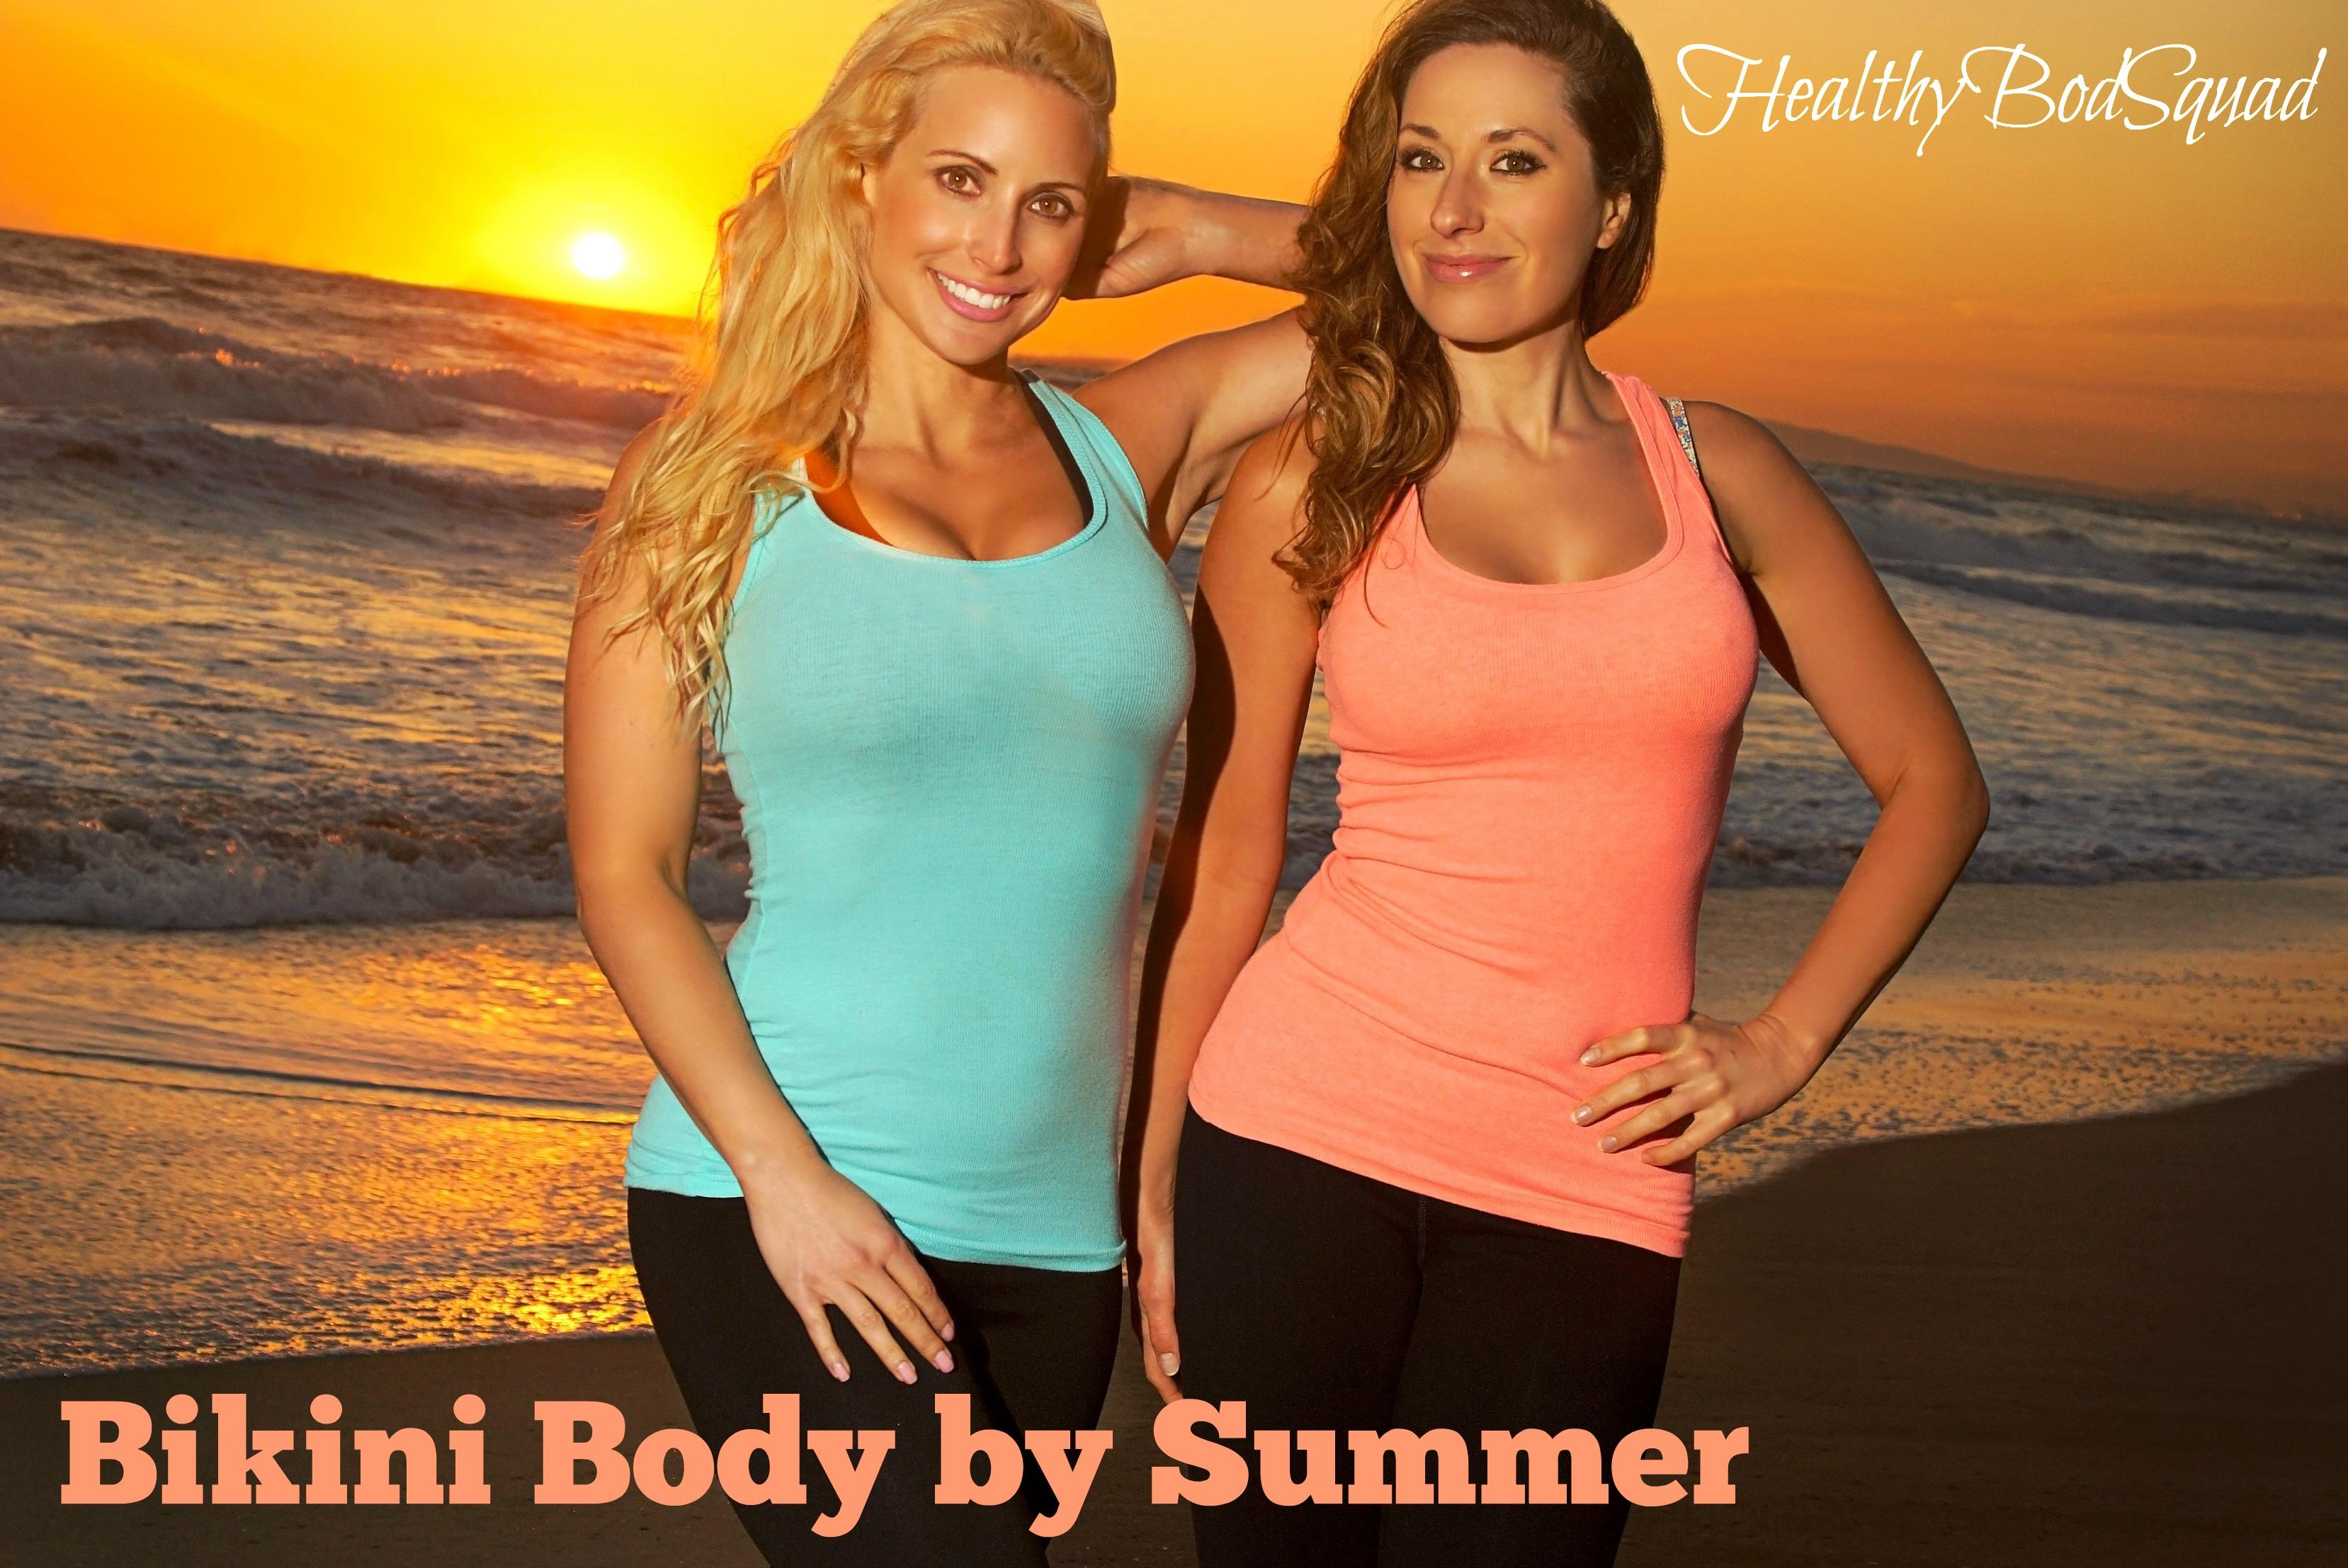 Bikini Body by Summer 101